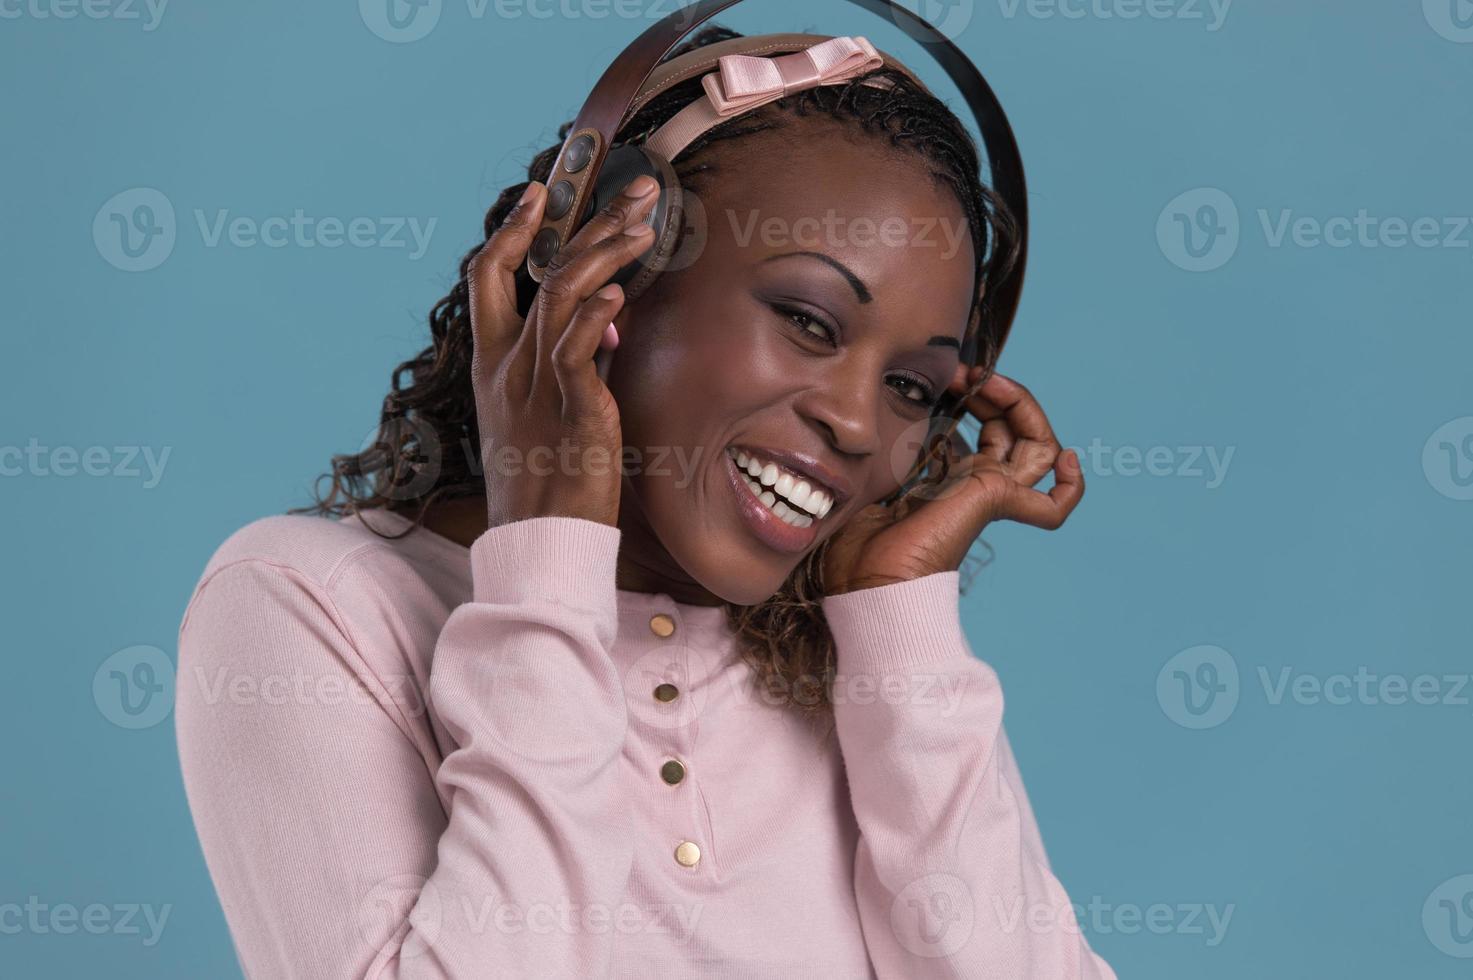 glückliche afrikanische Frau, die Musik über Kopfhörer hört. foto